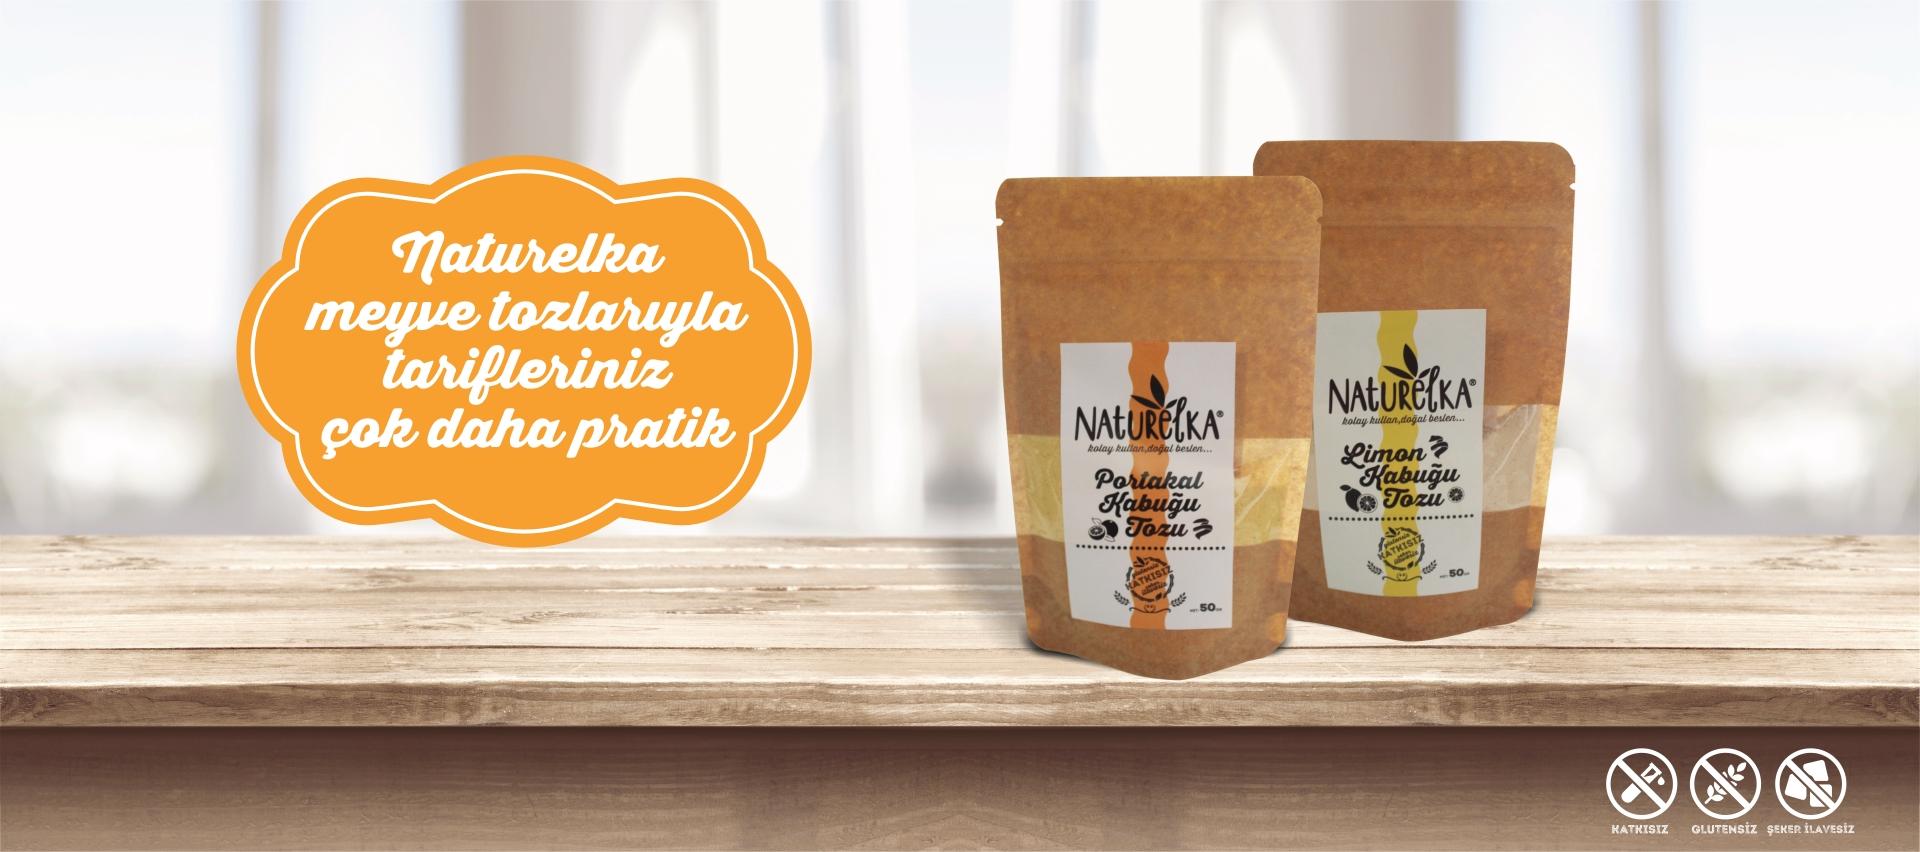 naturelka.com